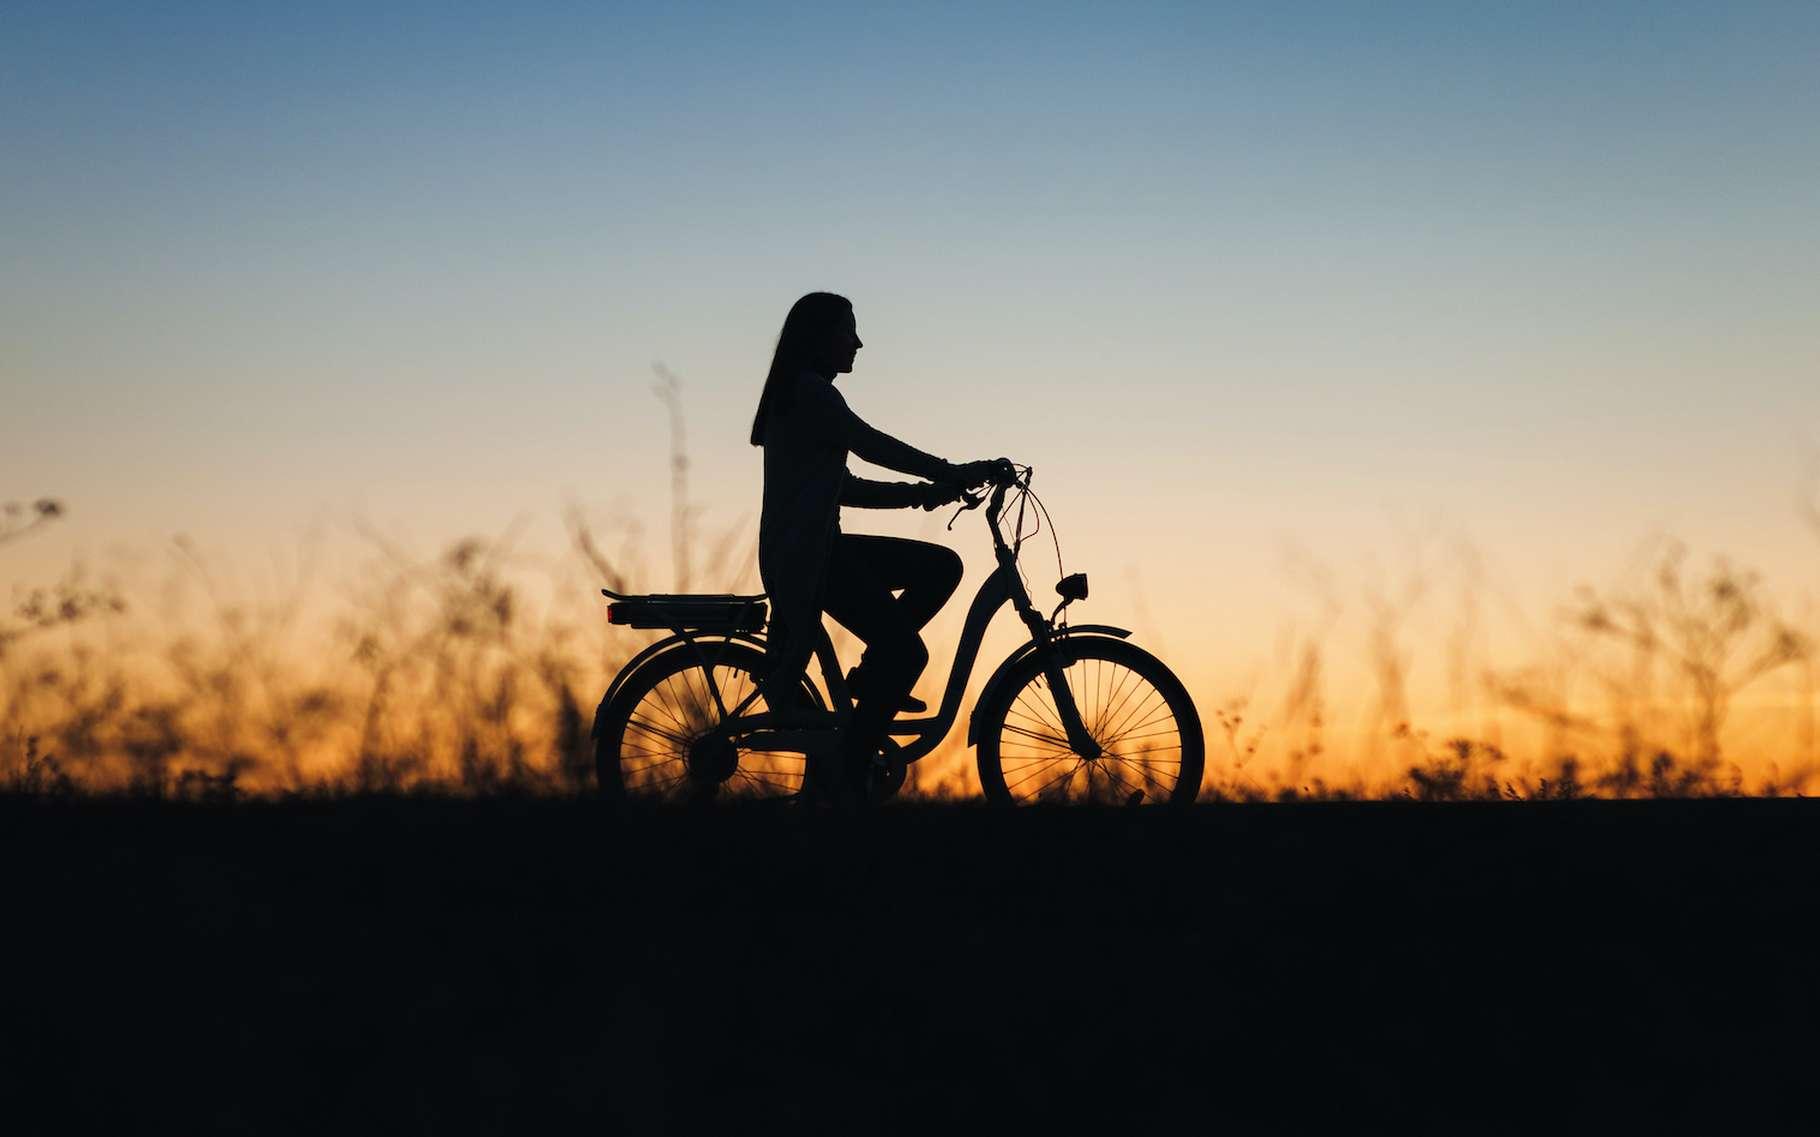 La pratique du vélo électrique se généralise. Et pour augmenter l'autonomie de sa batterie, il y a quelques astuces à connaître. © shchus, Adobe Stock